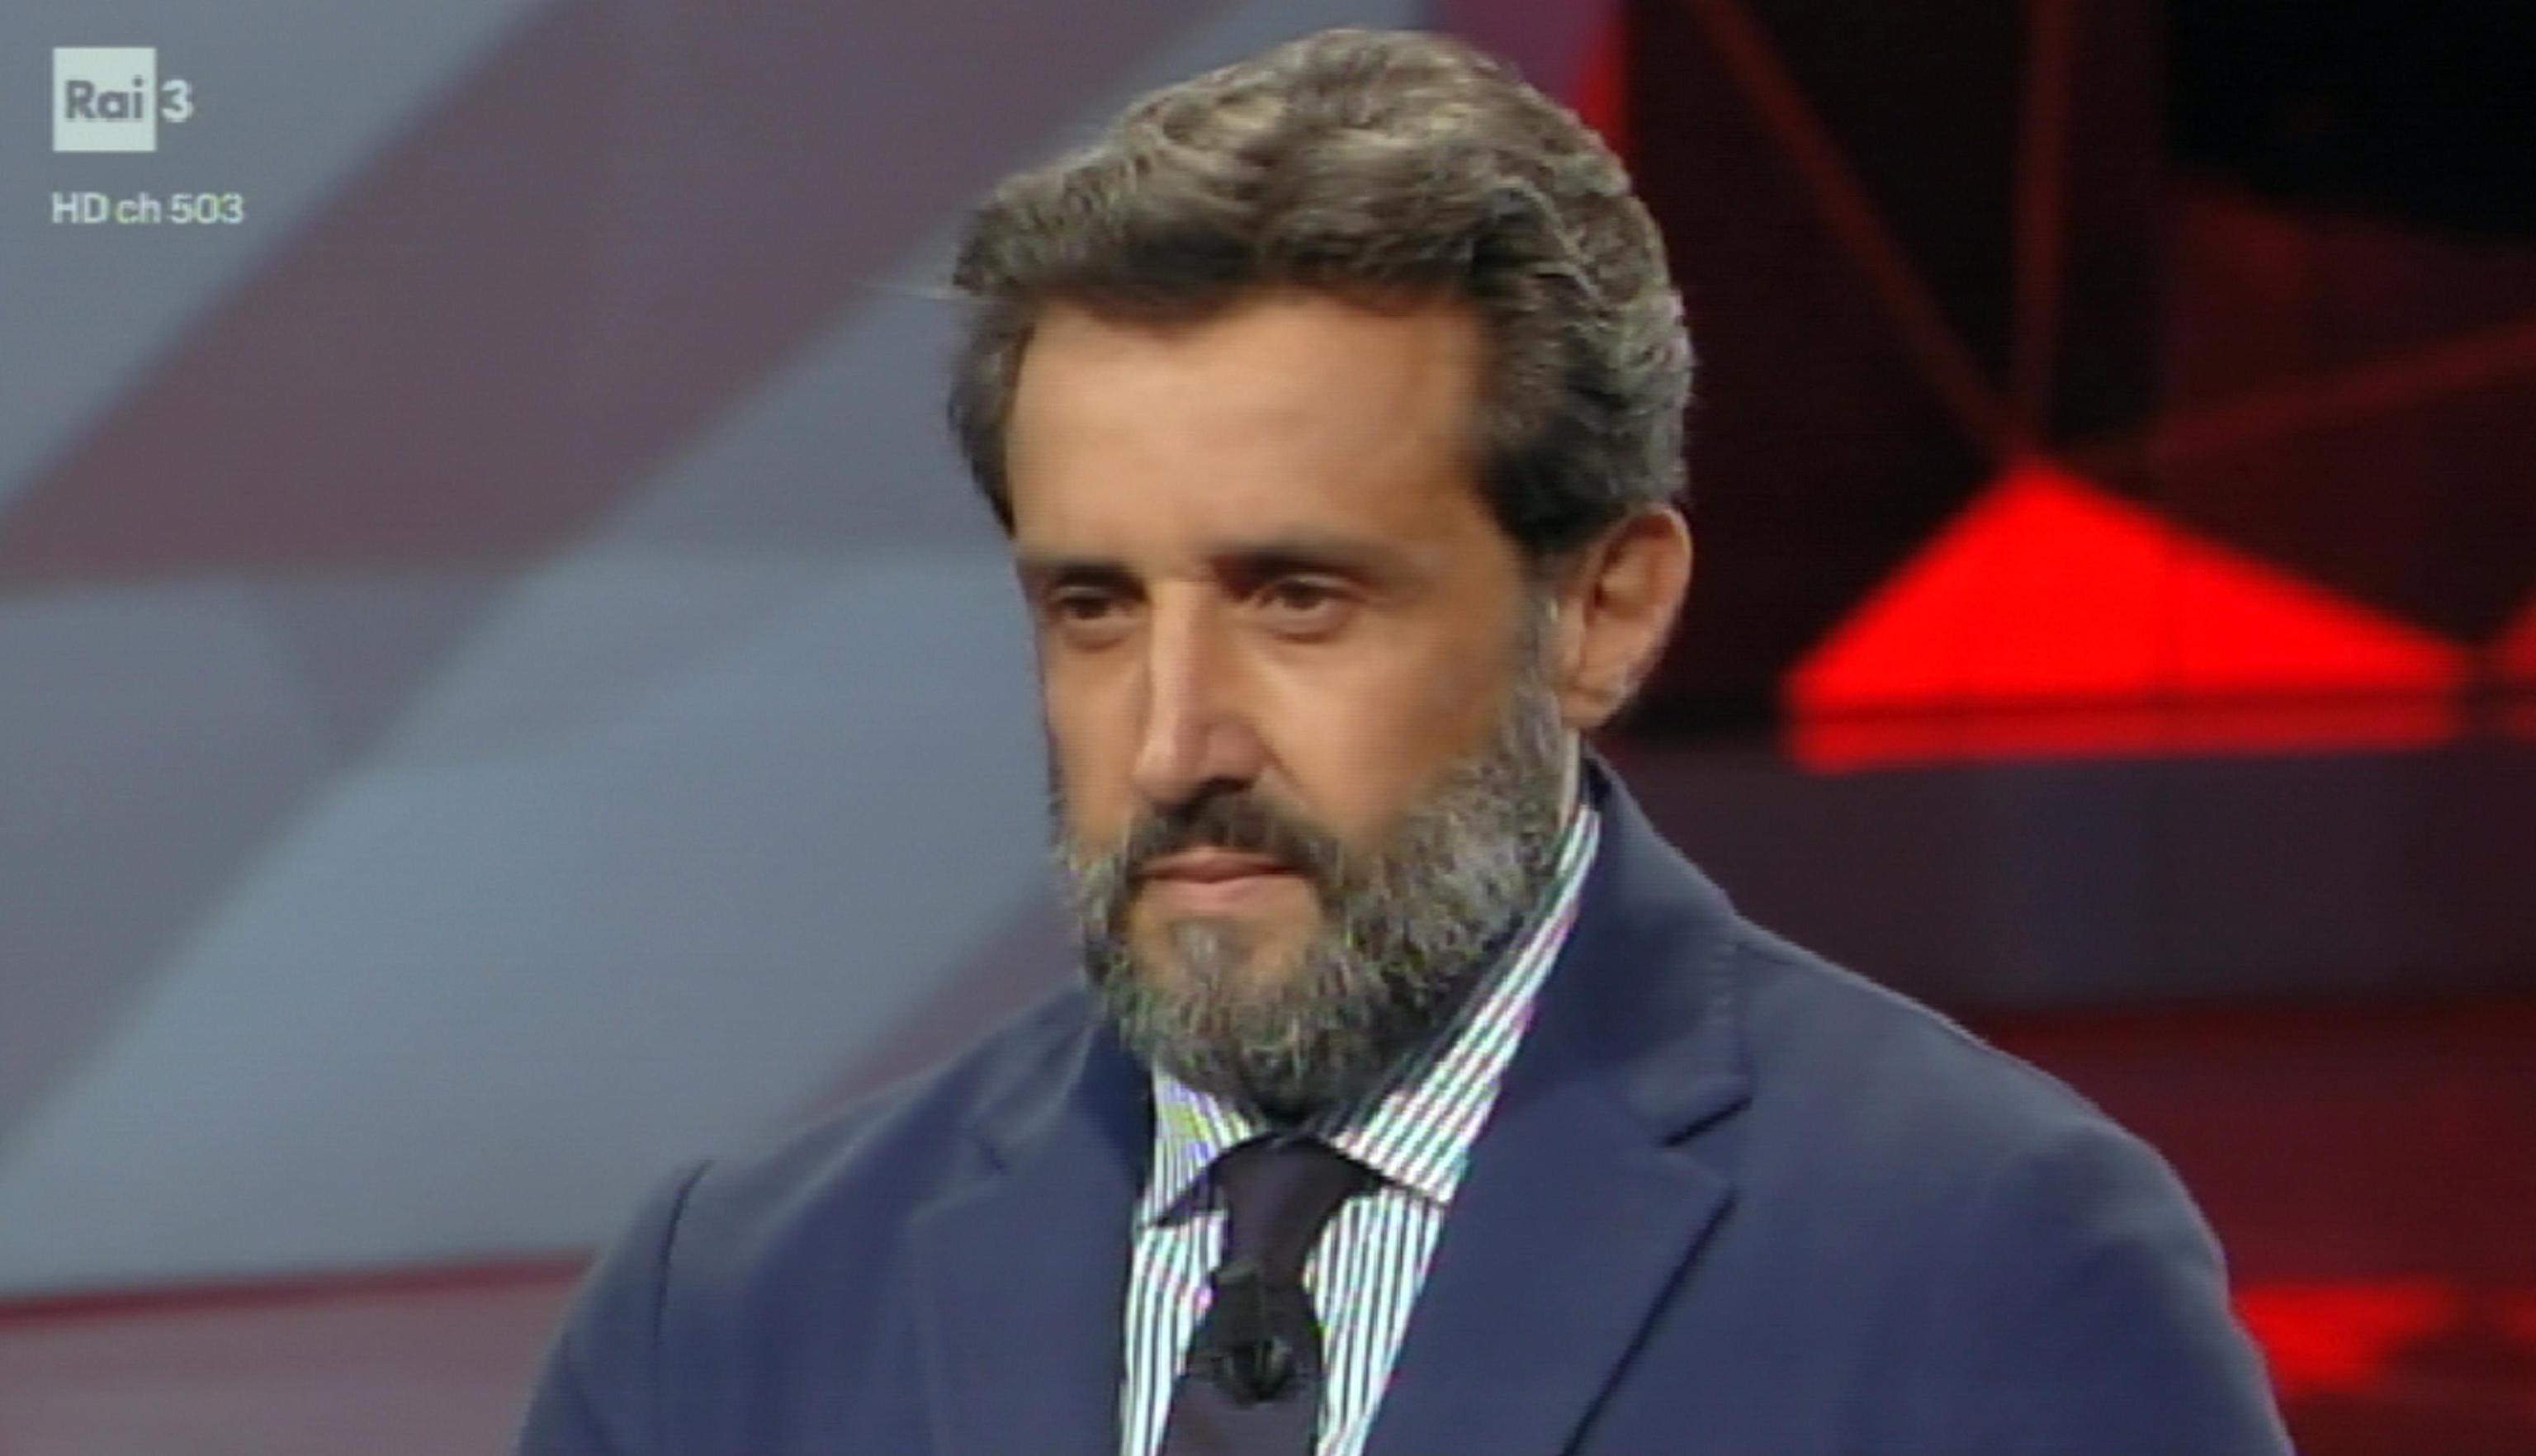 Cartabianca, Flavio Insinna inviato: 'Non è un tentativo di farlo perdonare dal pubblico'